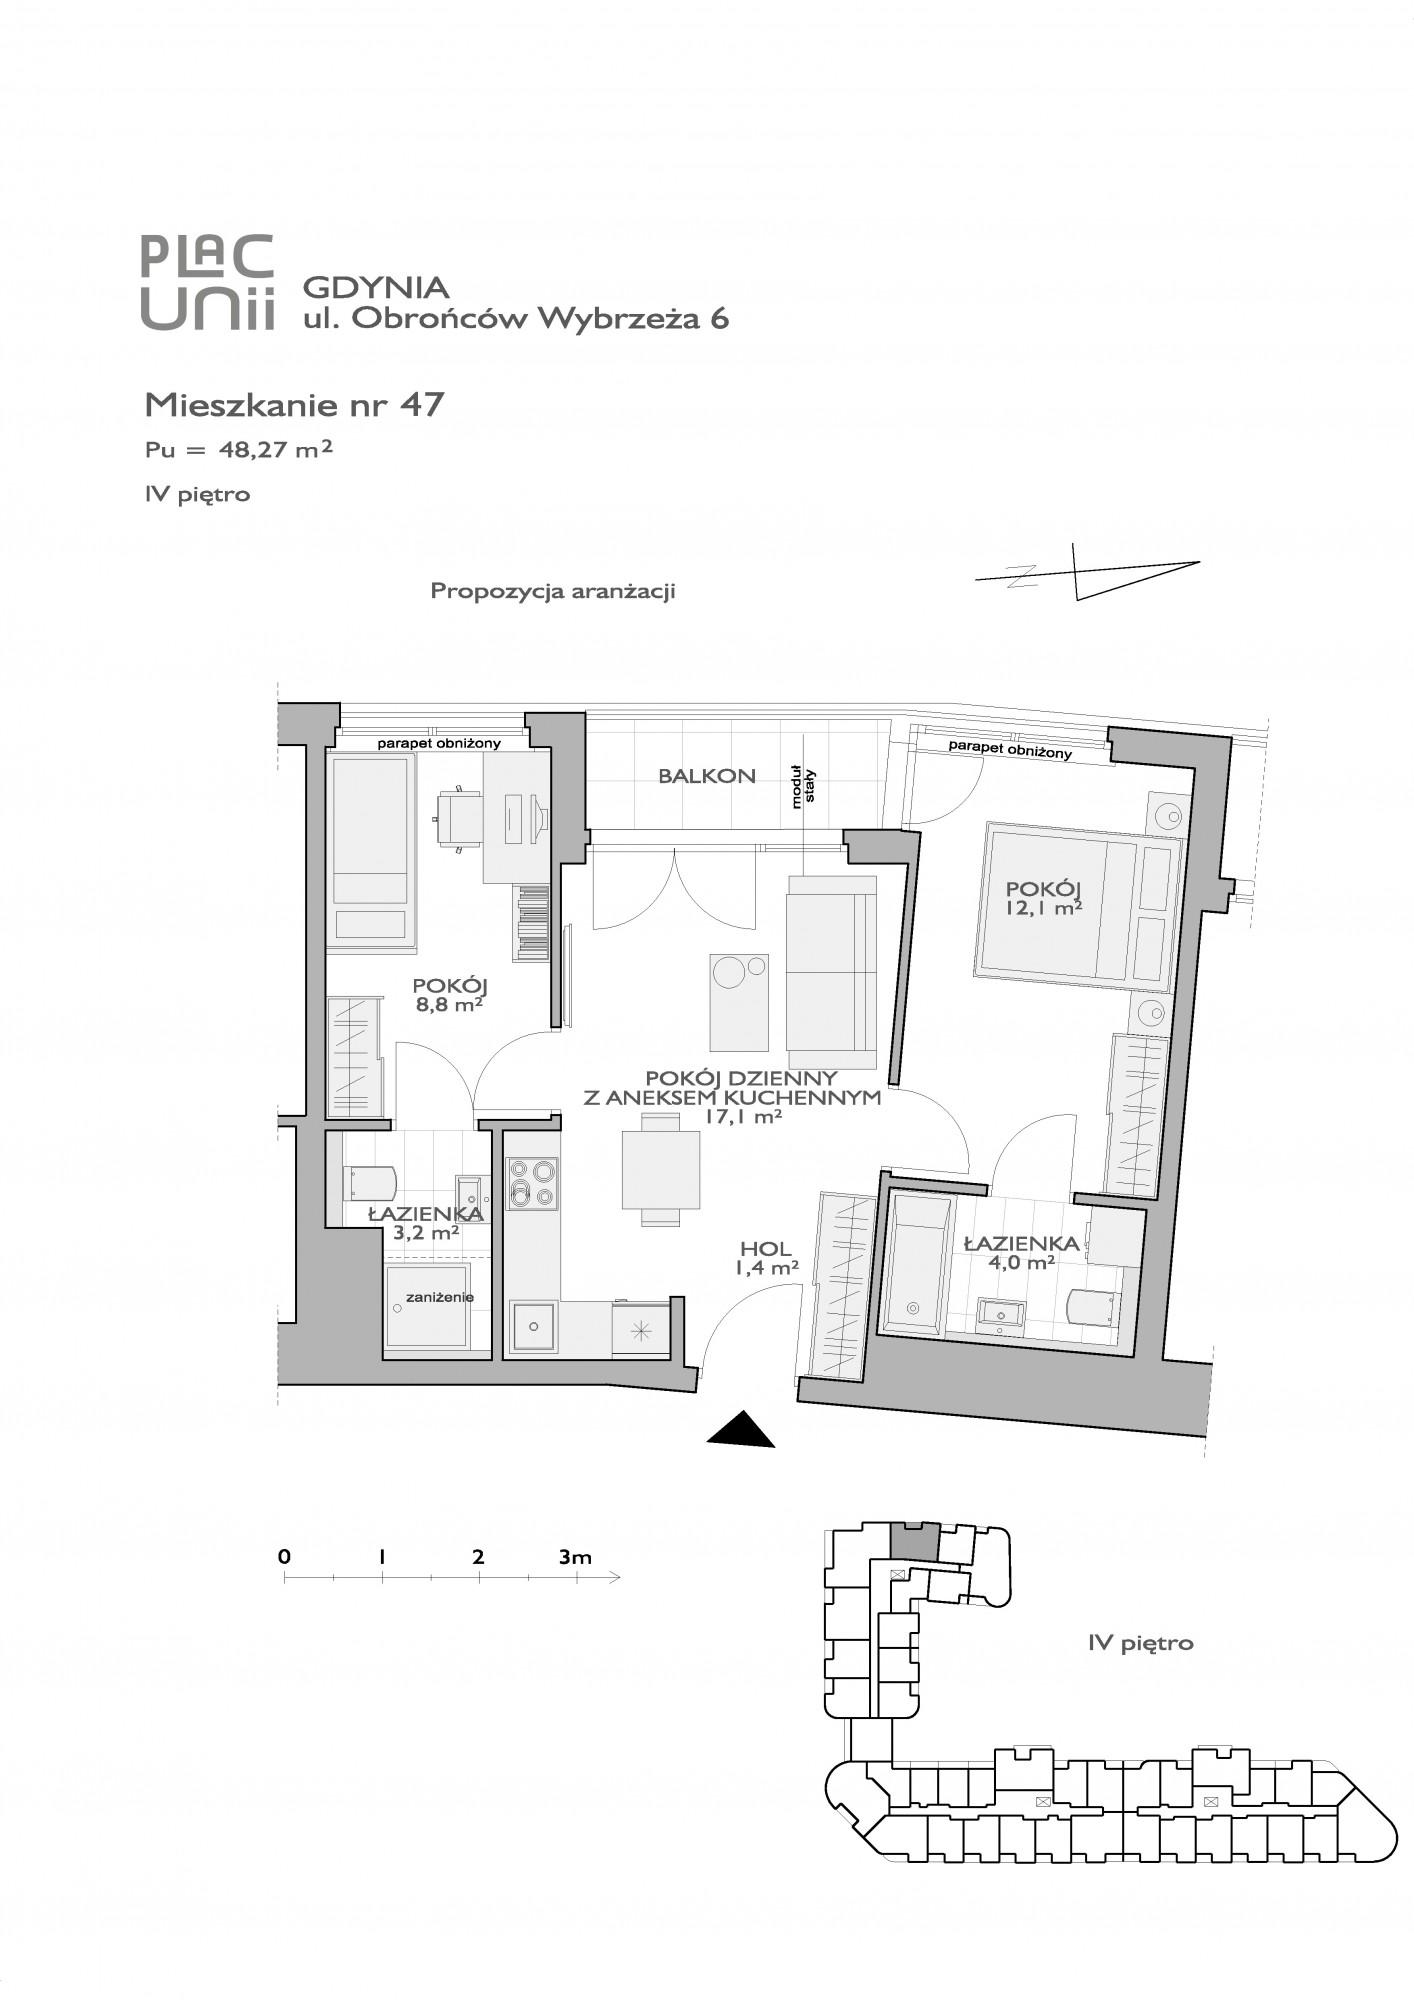 Karta lokalu Gdynia, ul. Obrońców Wybrzeża nr PU/O/6/47